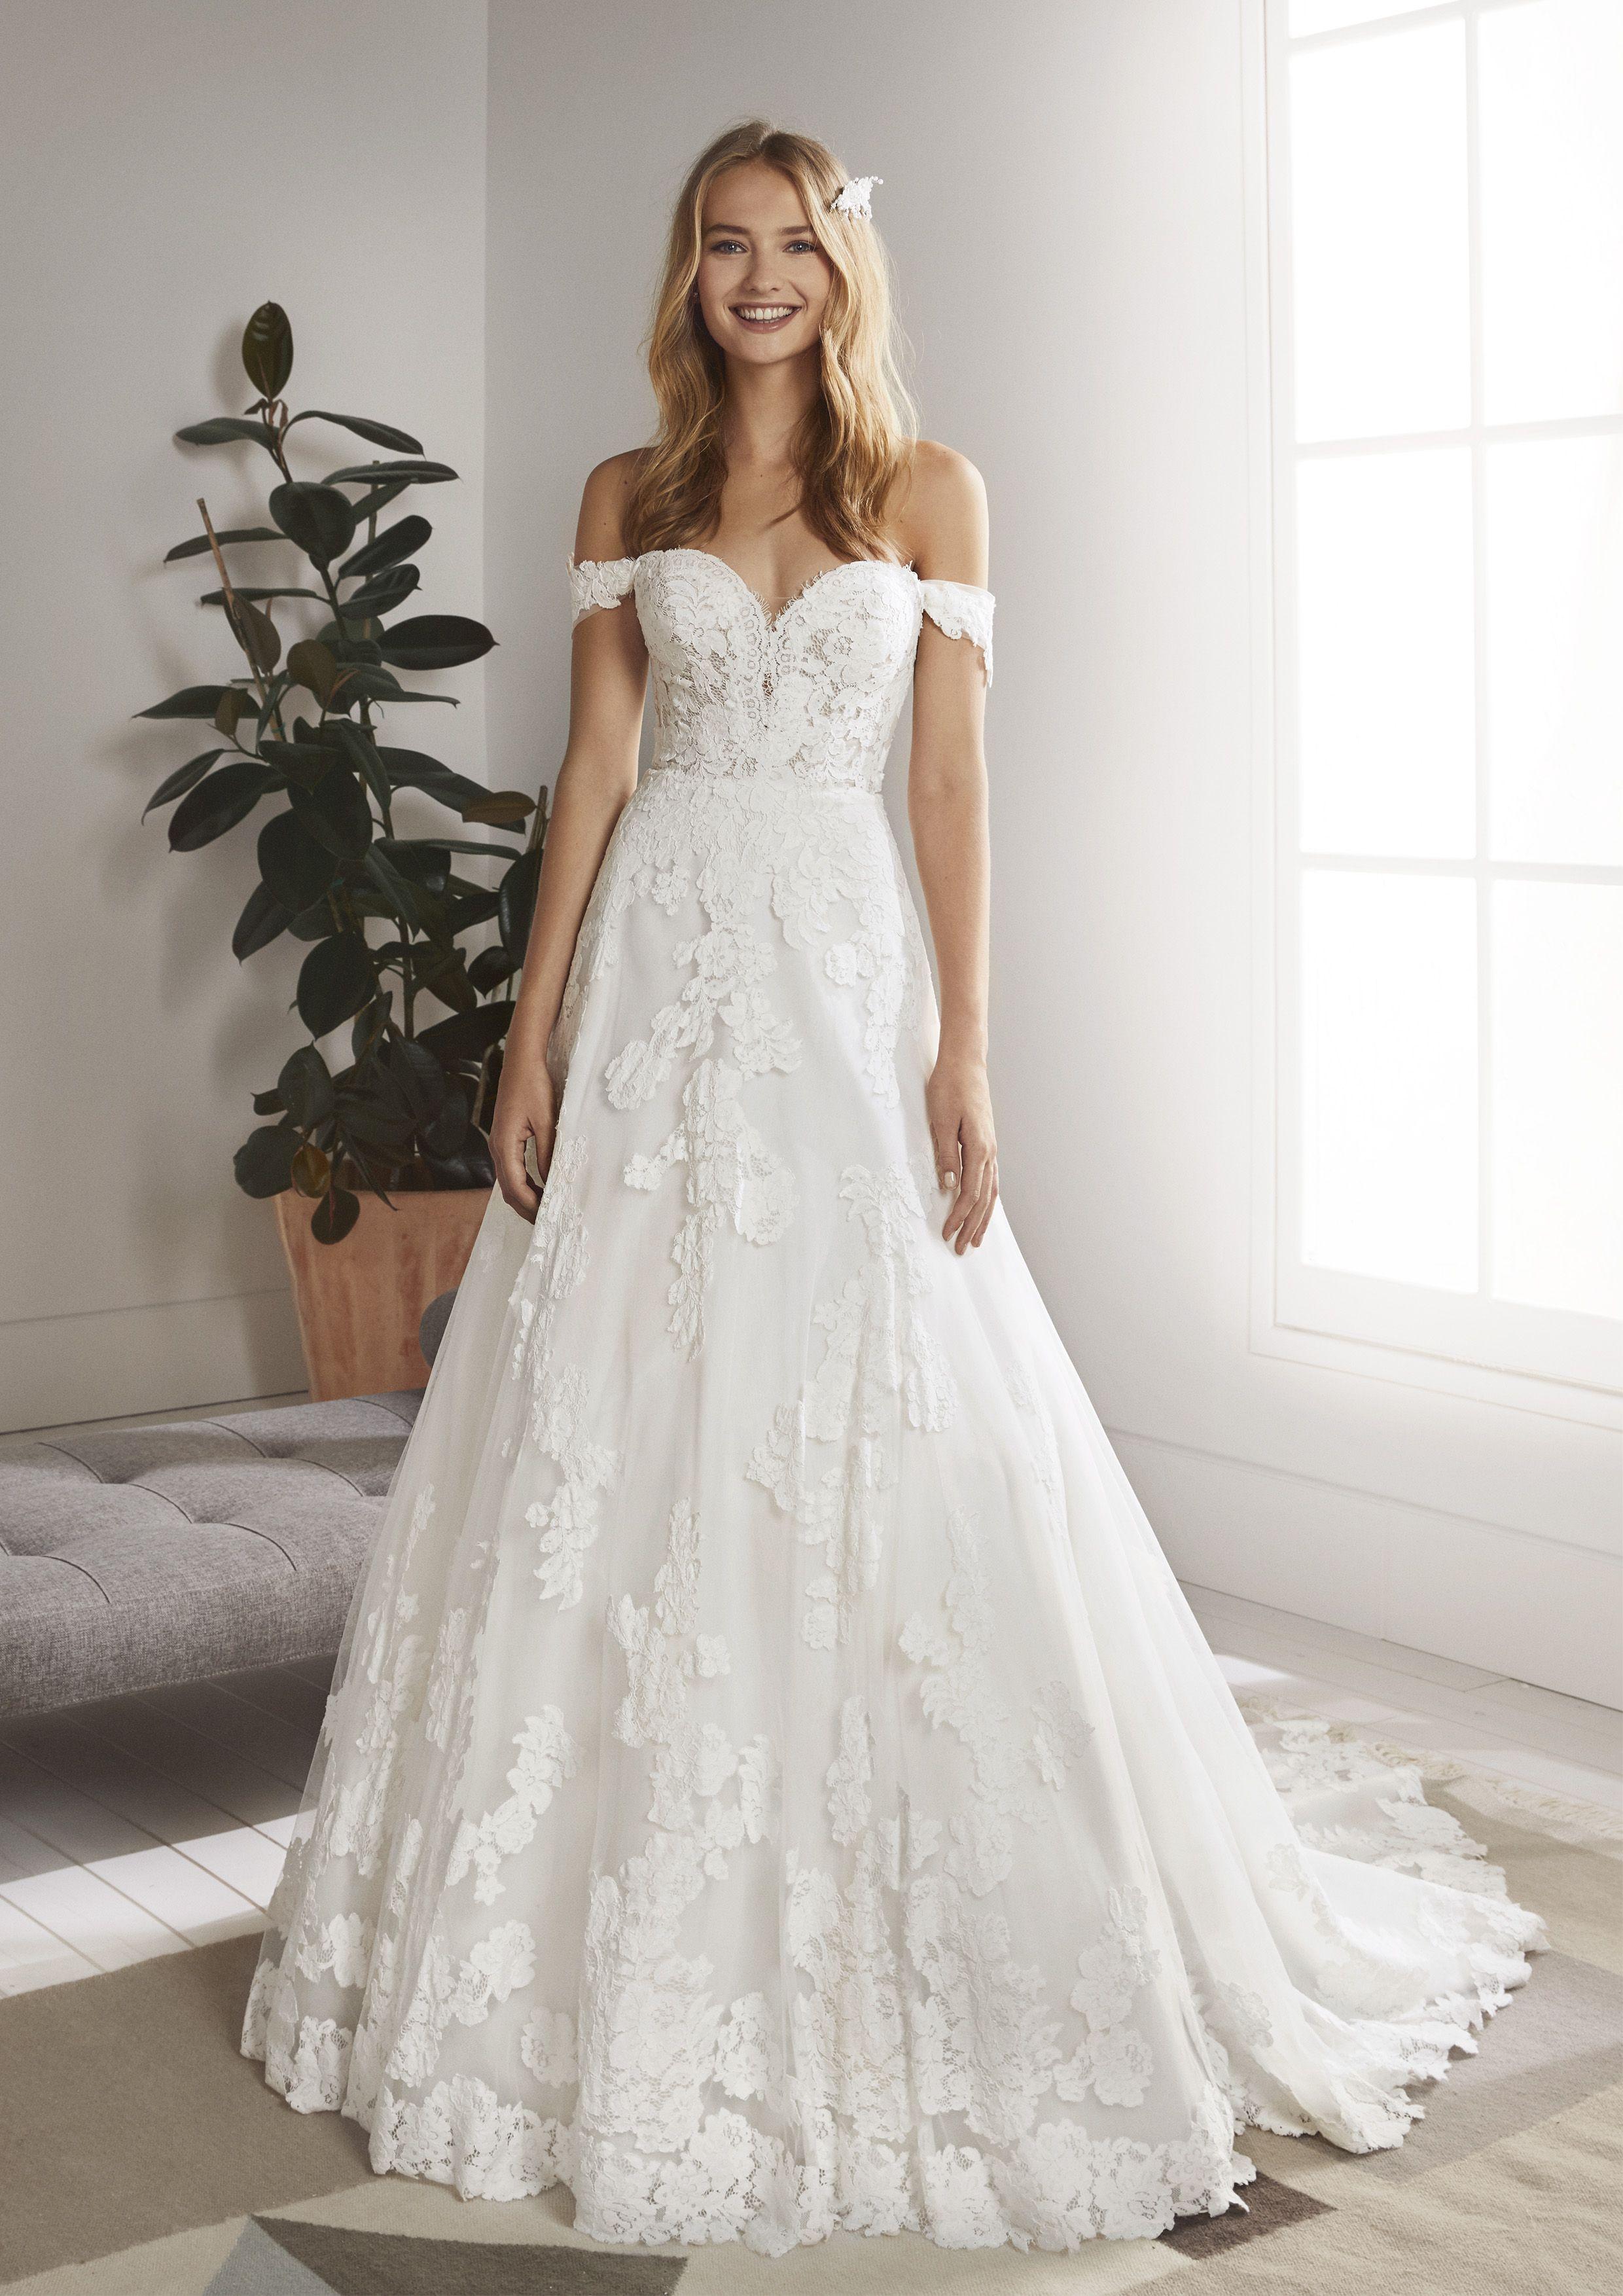 Cocktailjurk Bruiloft 2019.Super Romantische Jurk Van White One Verliefd Verloofd Bruid